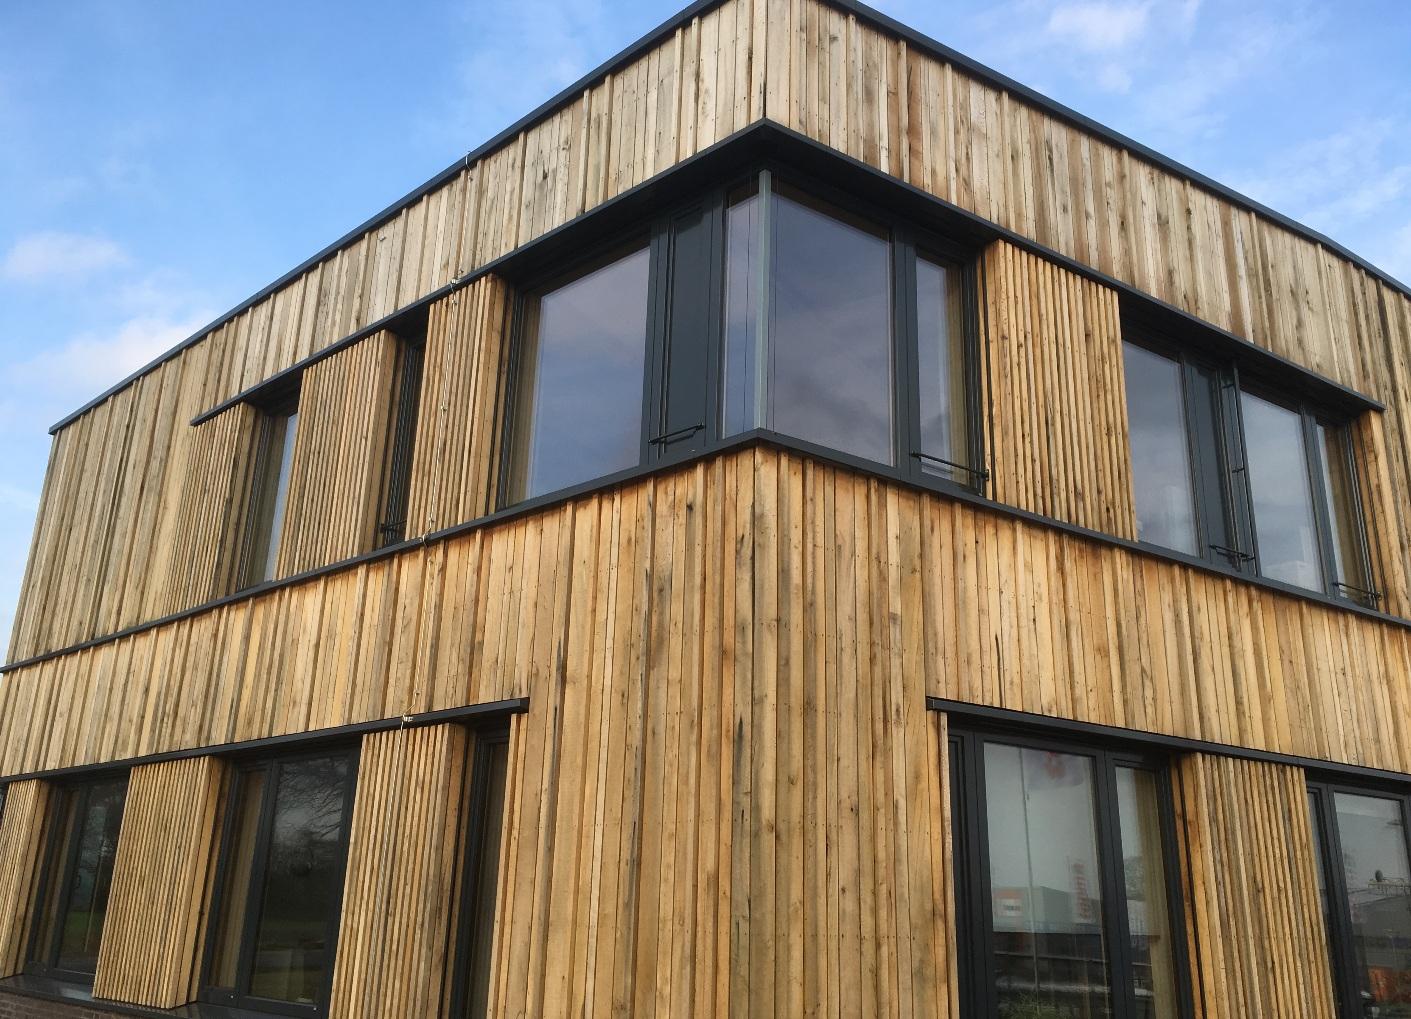 Full Size of Holz Alu Fenster Velux Preise Jemako Schallschutz Rollo Verdunkelung Rolladen Nachträglich Einbauen Meeth Zwangsbelüftung Nachrüsten Neue Schüco Fenster Holz Alu Fenster